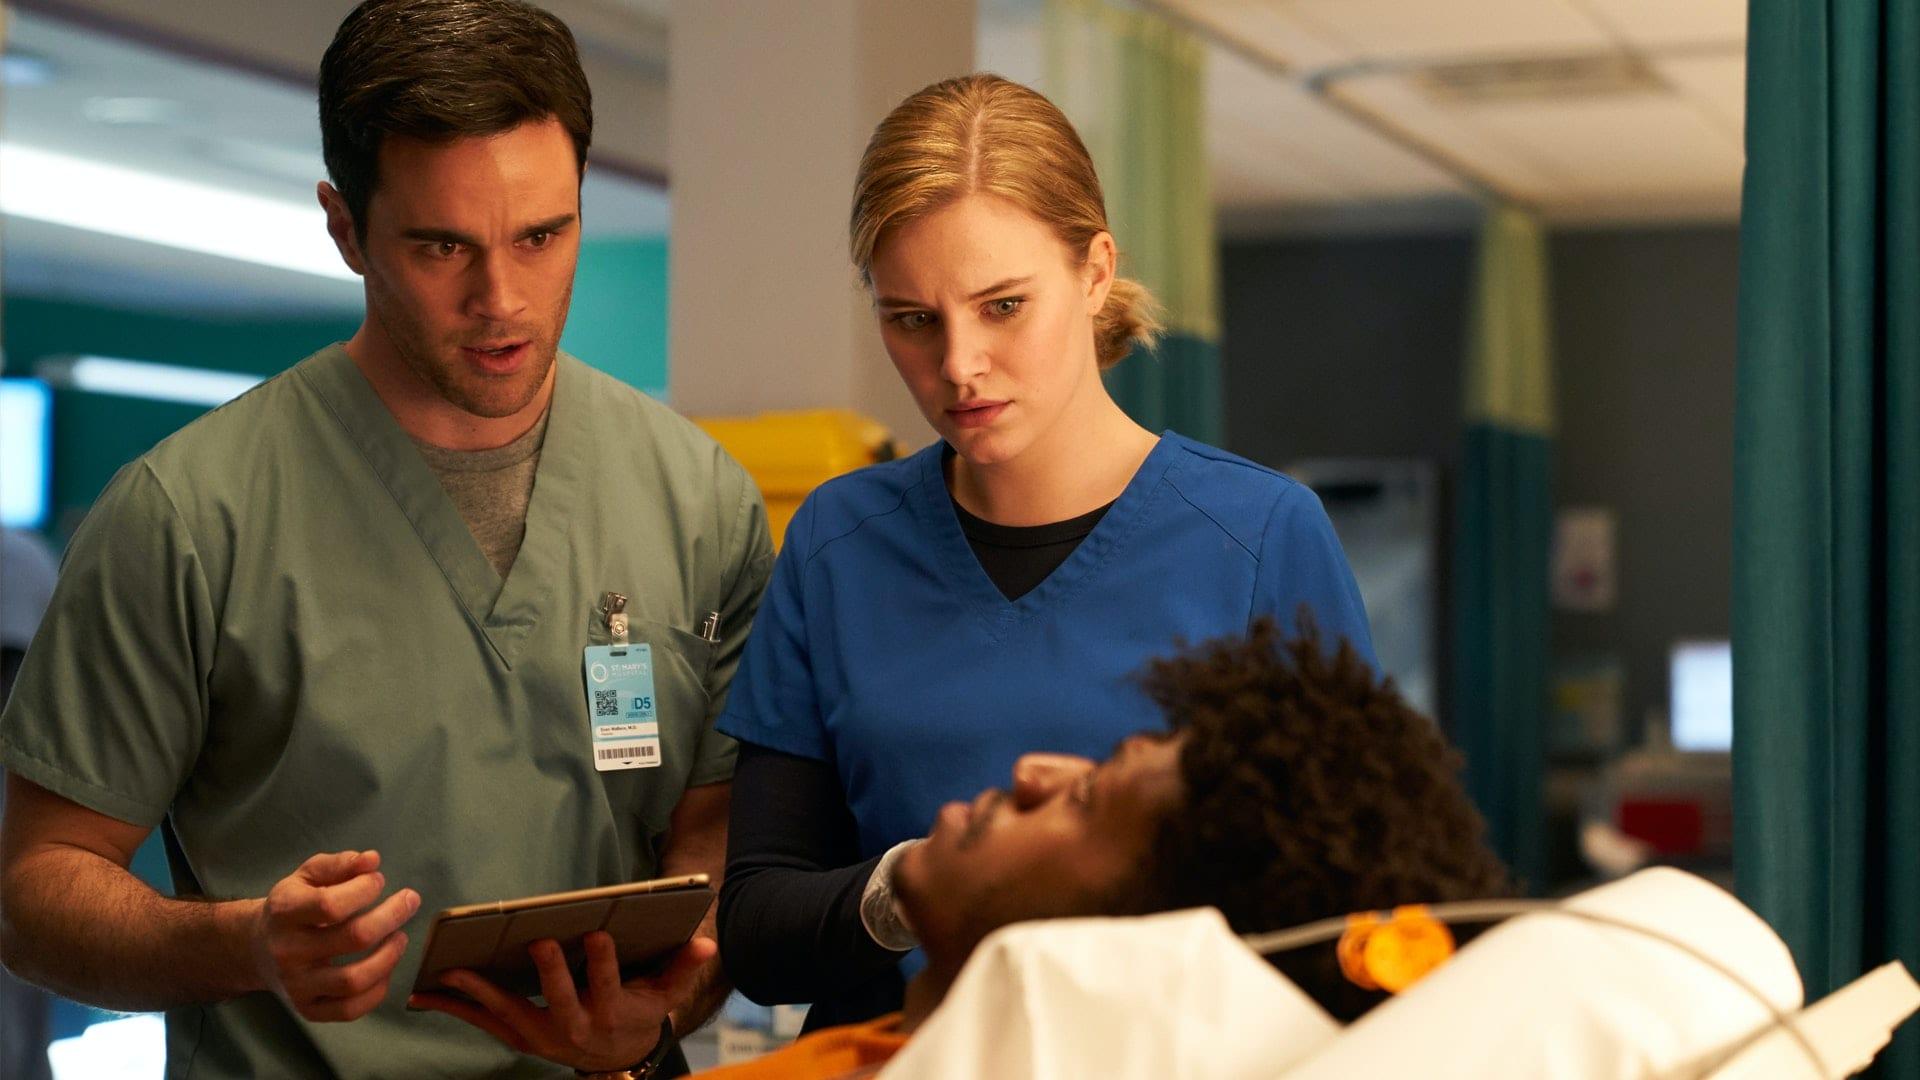 Nurses Season 2 Episode 8